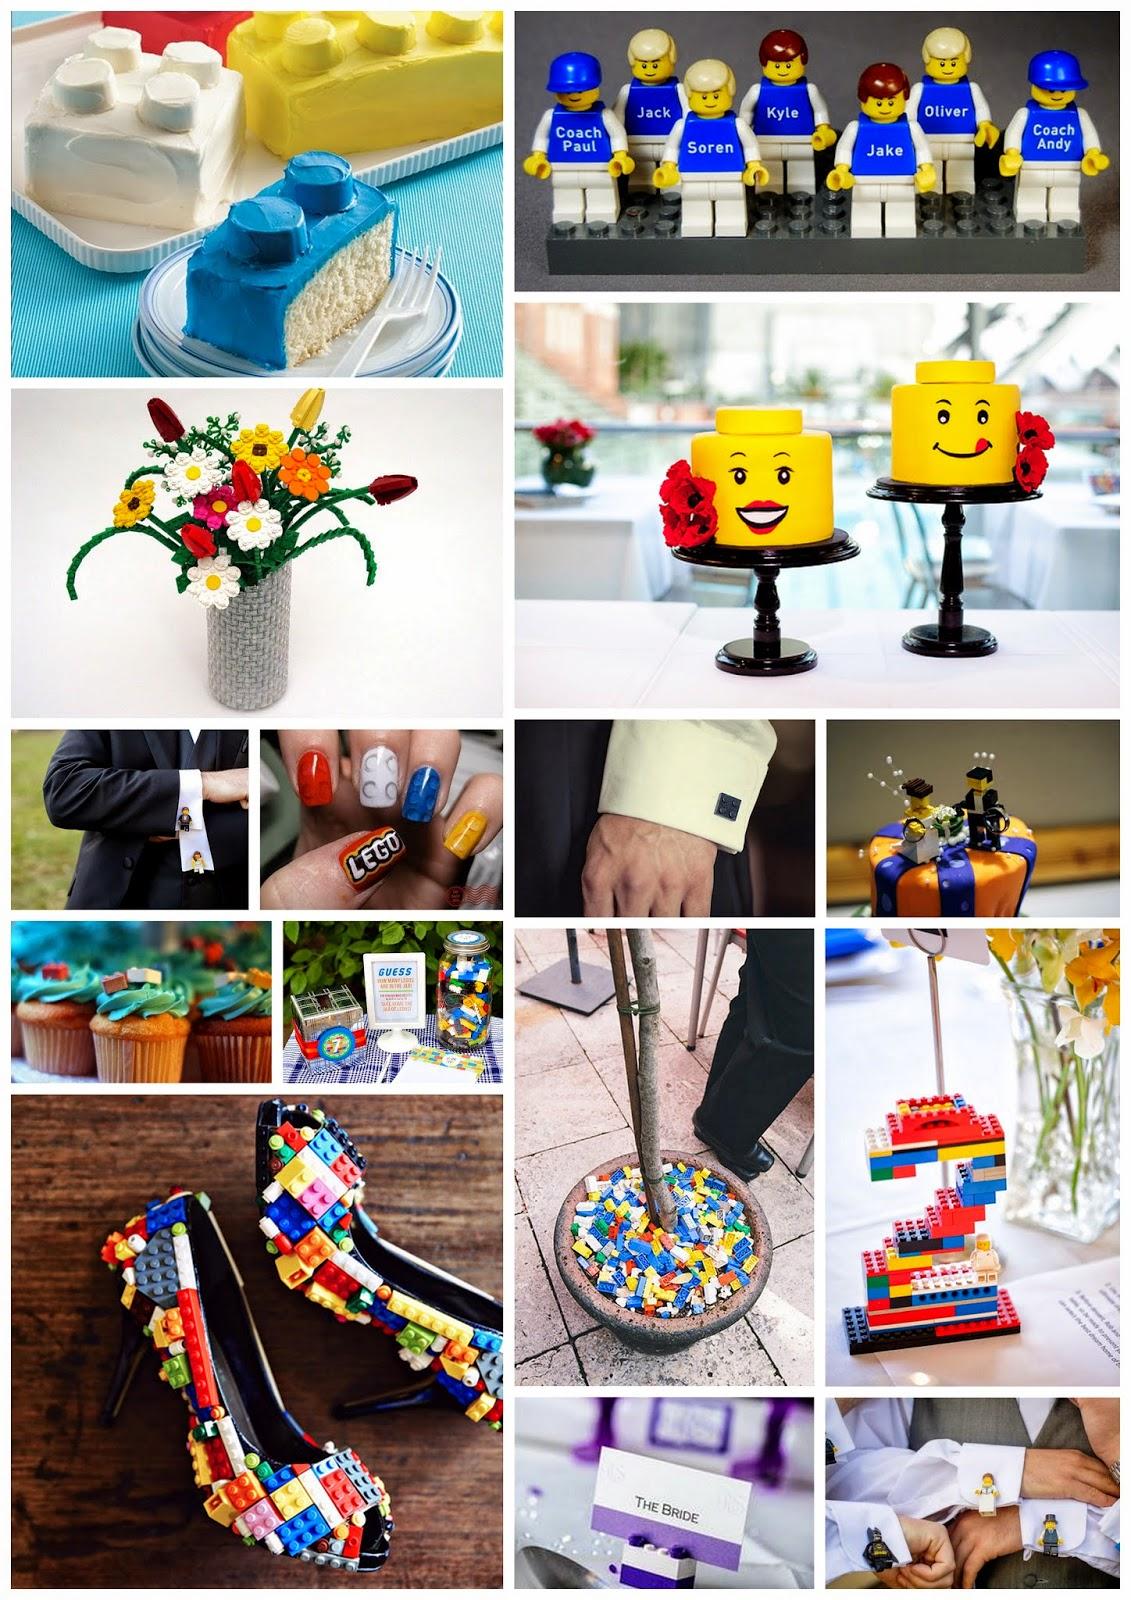 Matrimonio Tema Lego : Matrimonio e un tocco di classe temi per